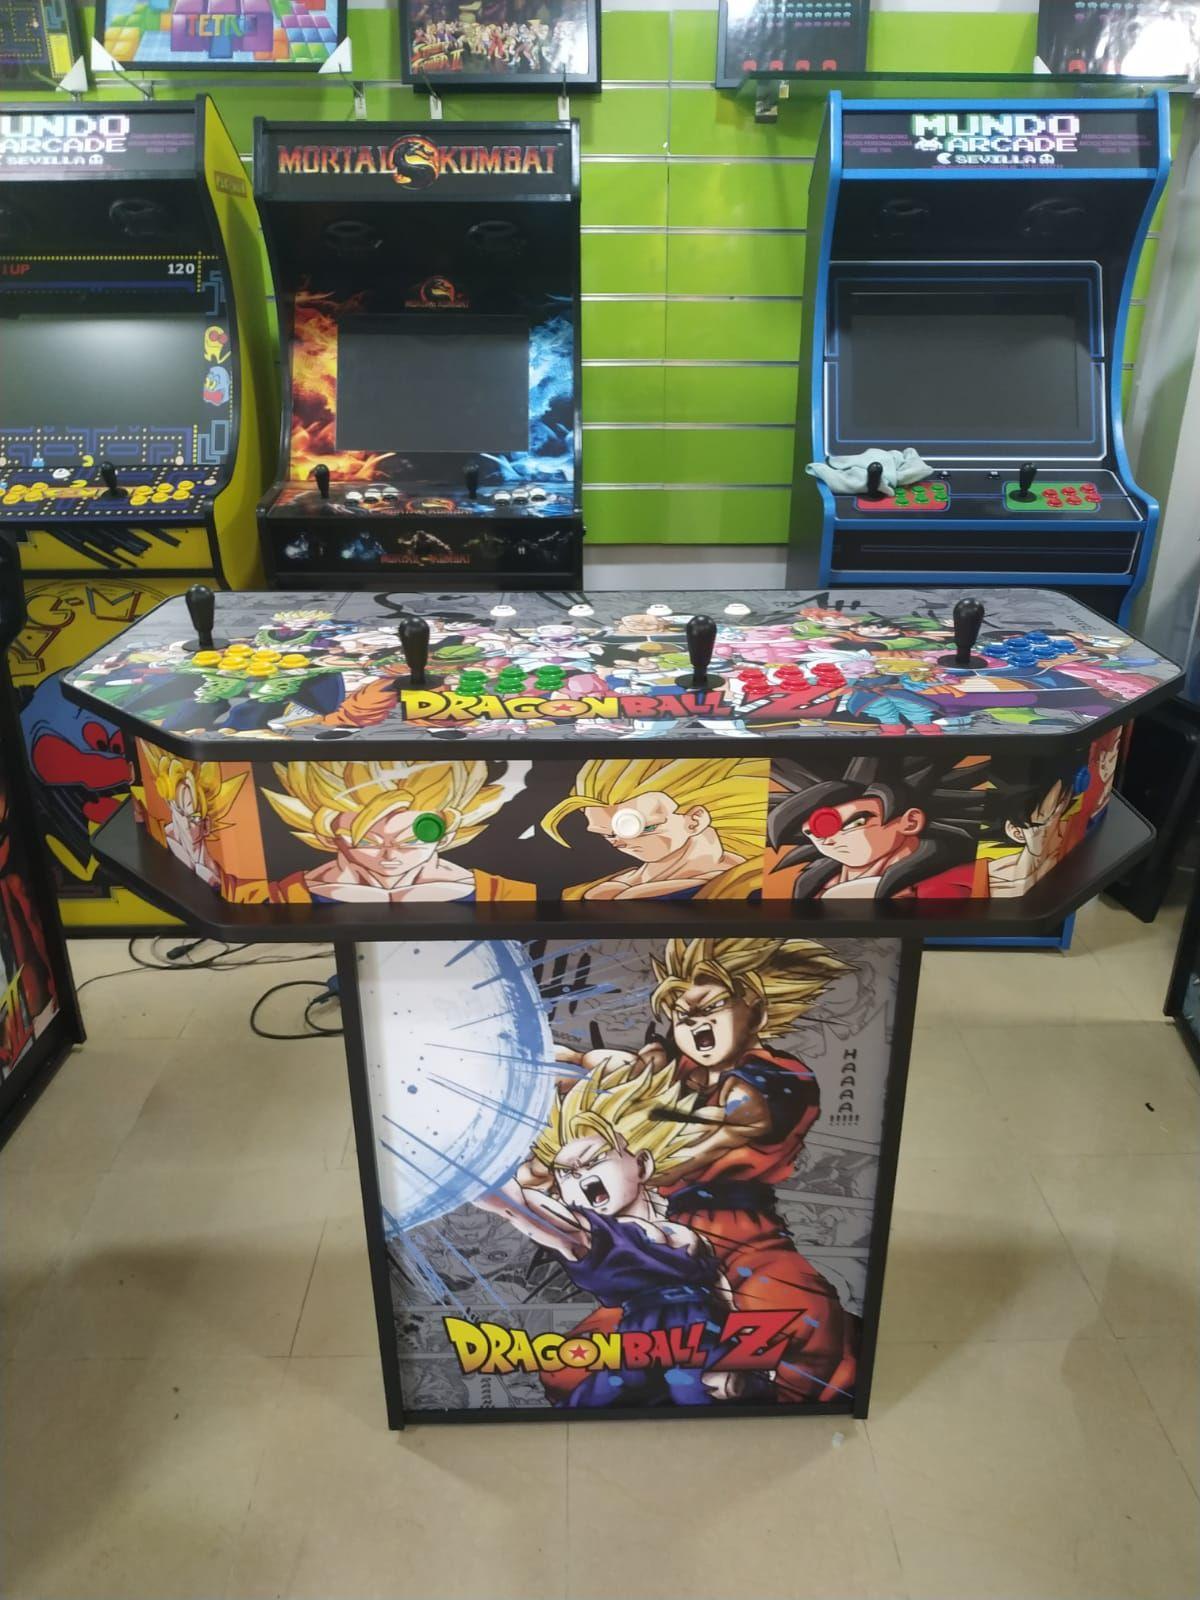 Catalogo Completo: Maquinas Recreativas de Mundo Arcade Sevilla